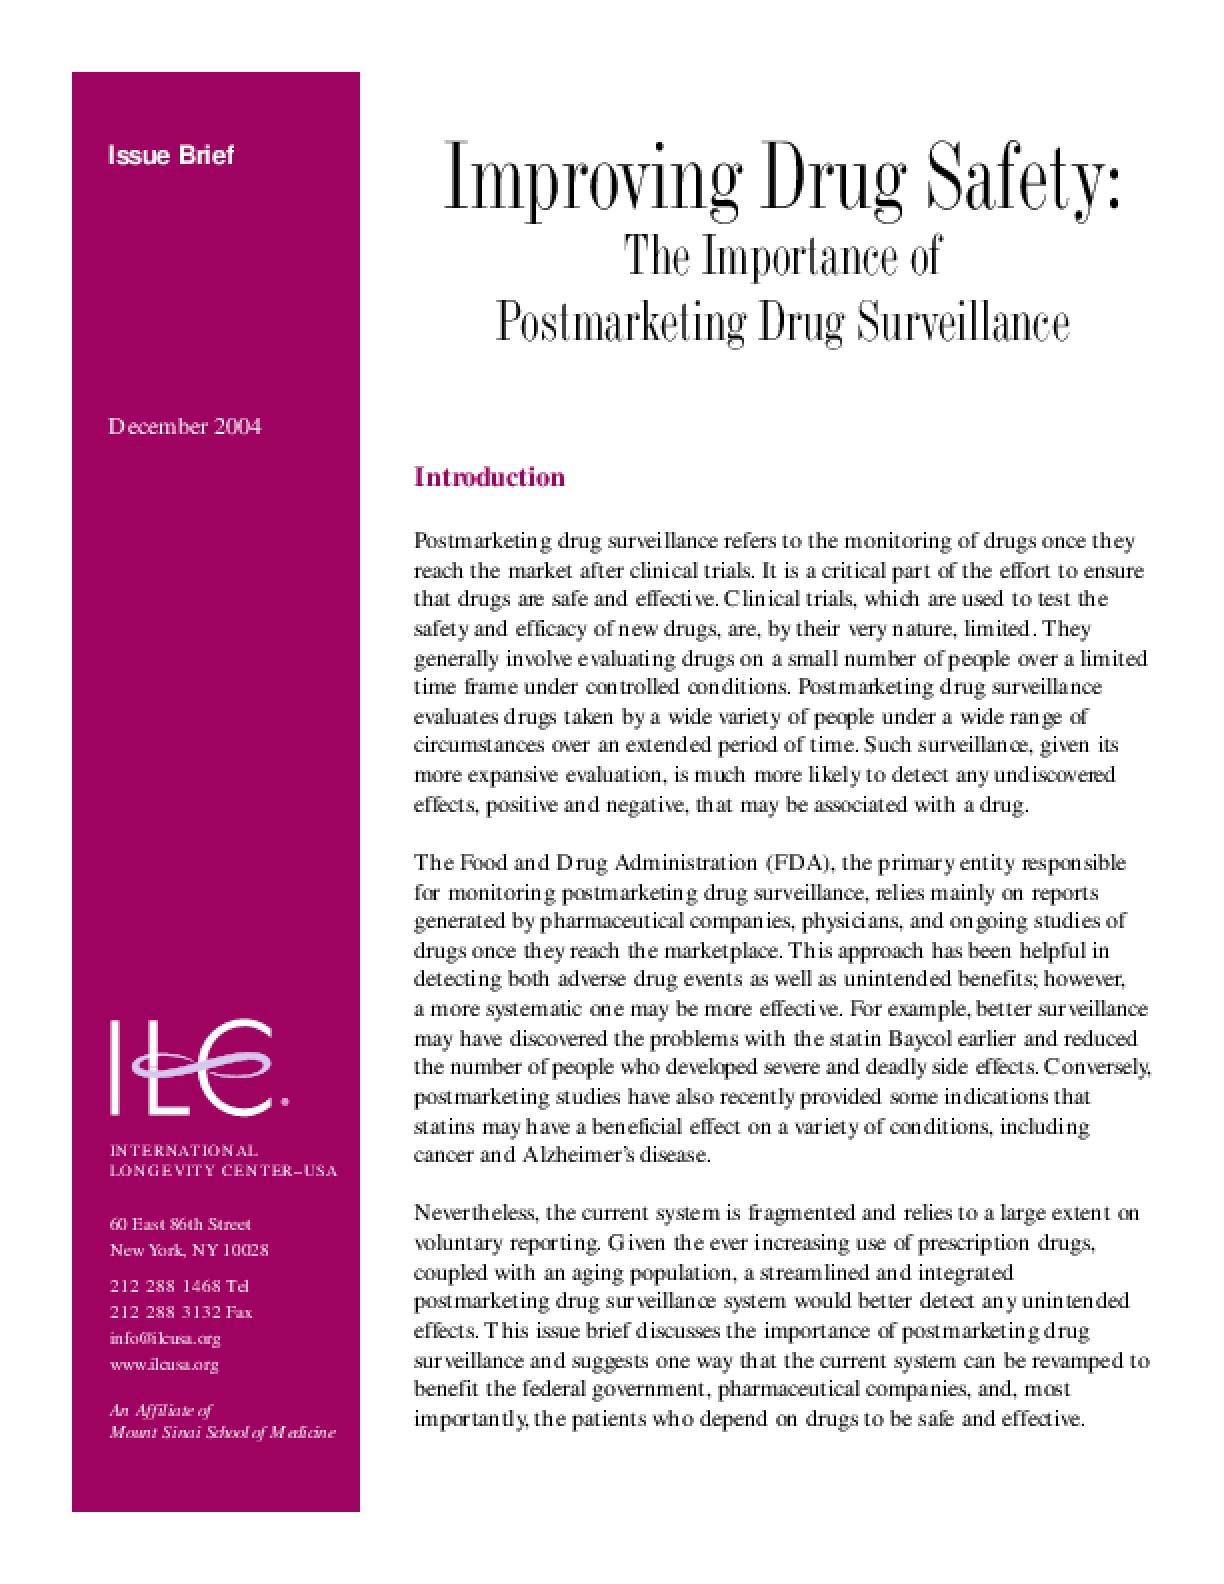 Improving Drug Safety: The Importance of Postmarking Drug Surveillance